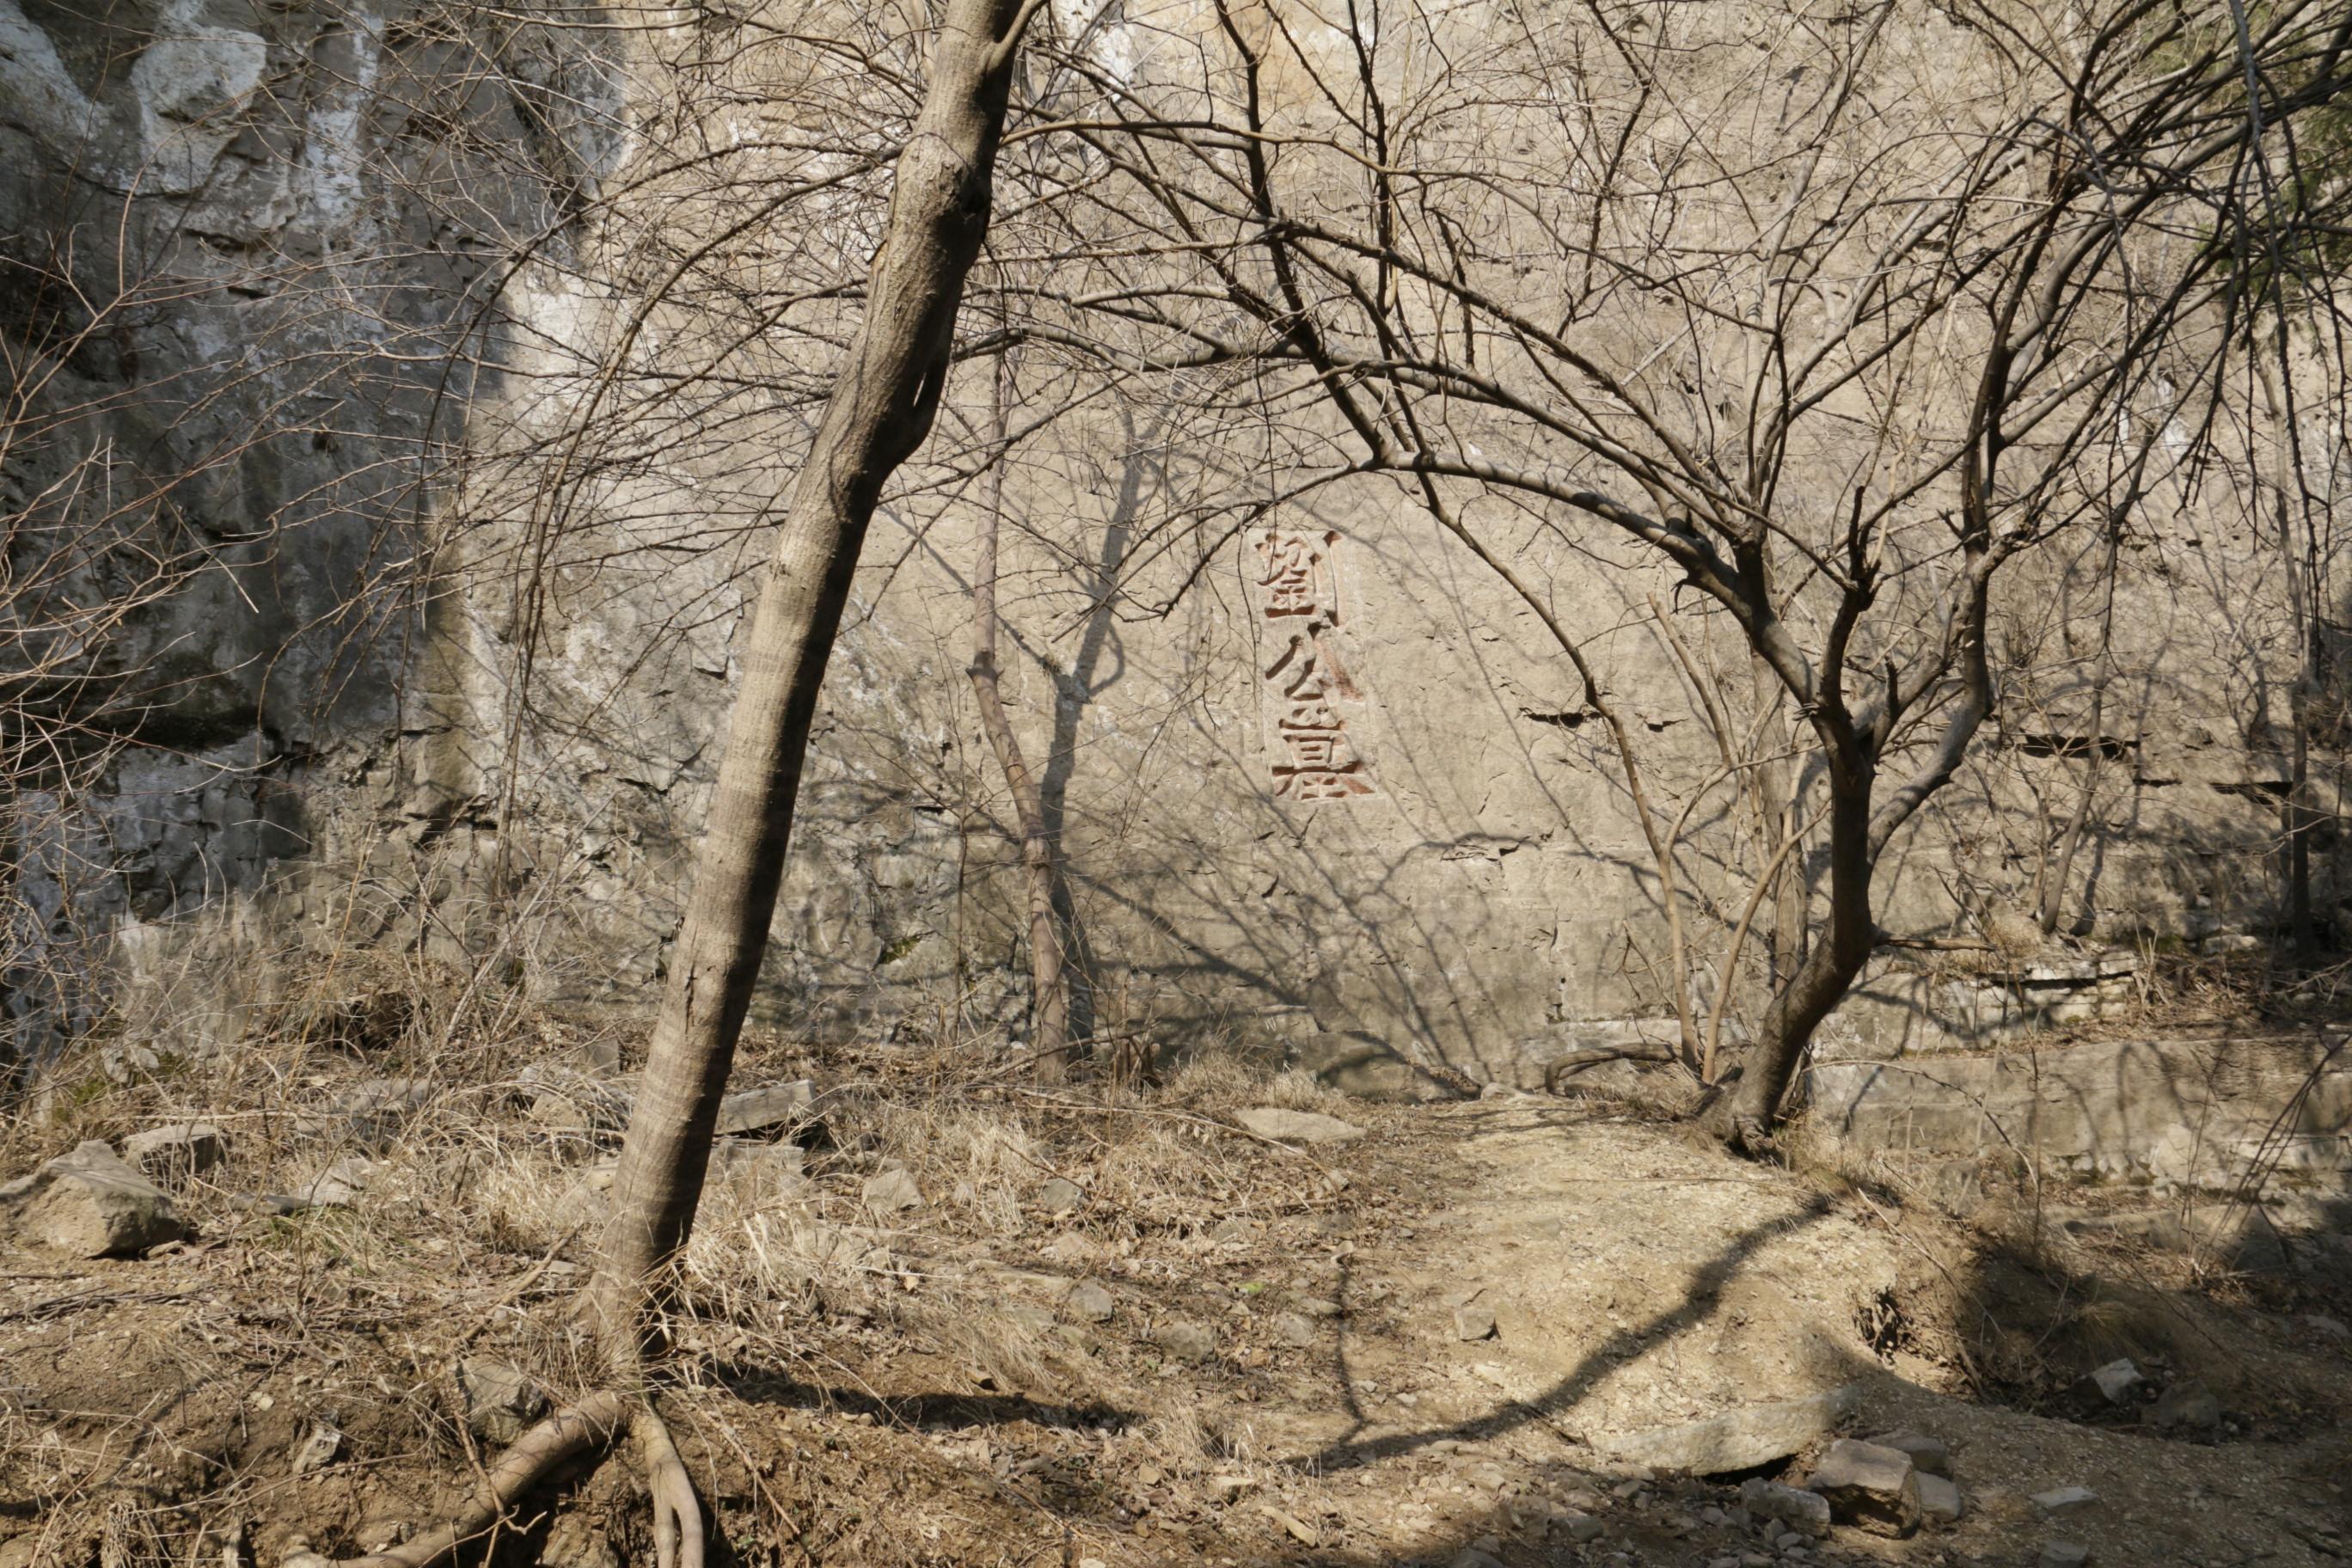 穿越平阴大寨山让心境与山野来一场琴瑟之合